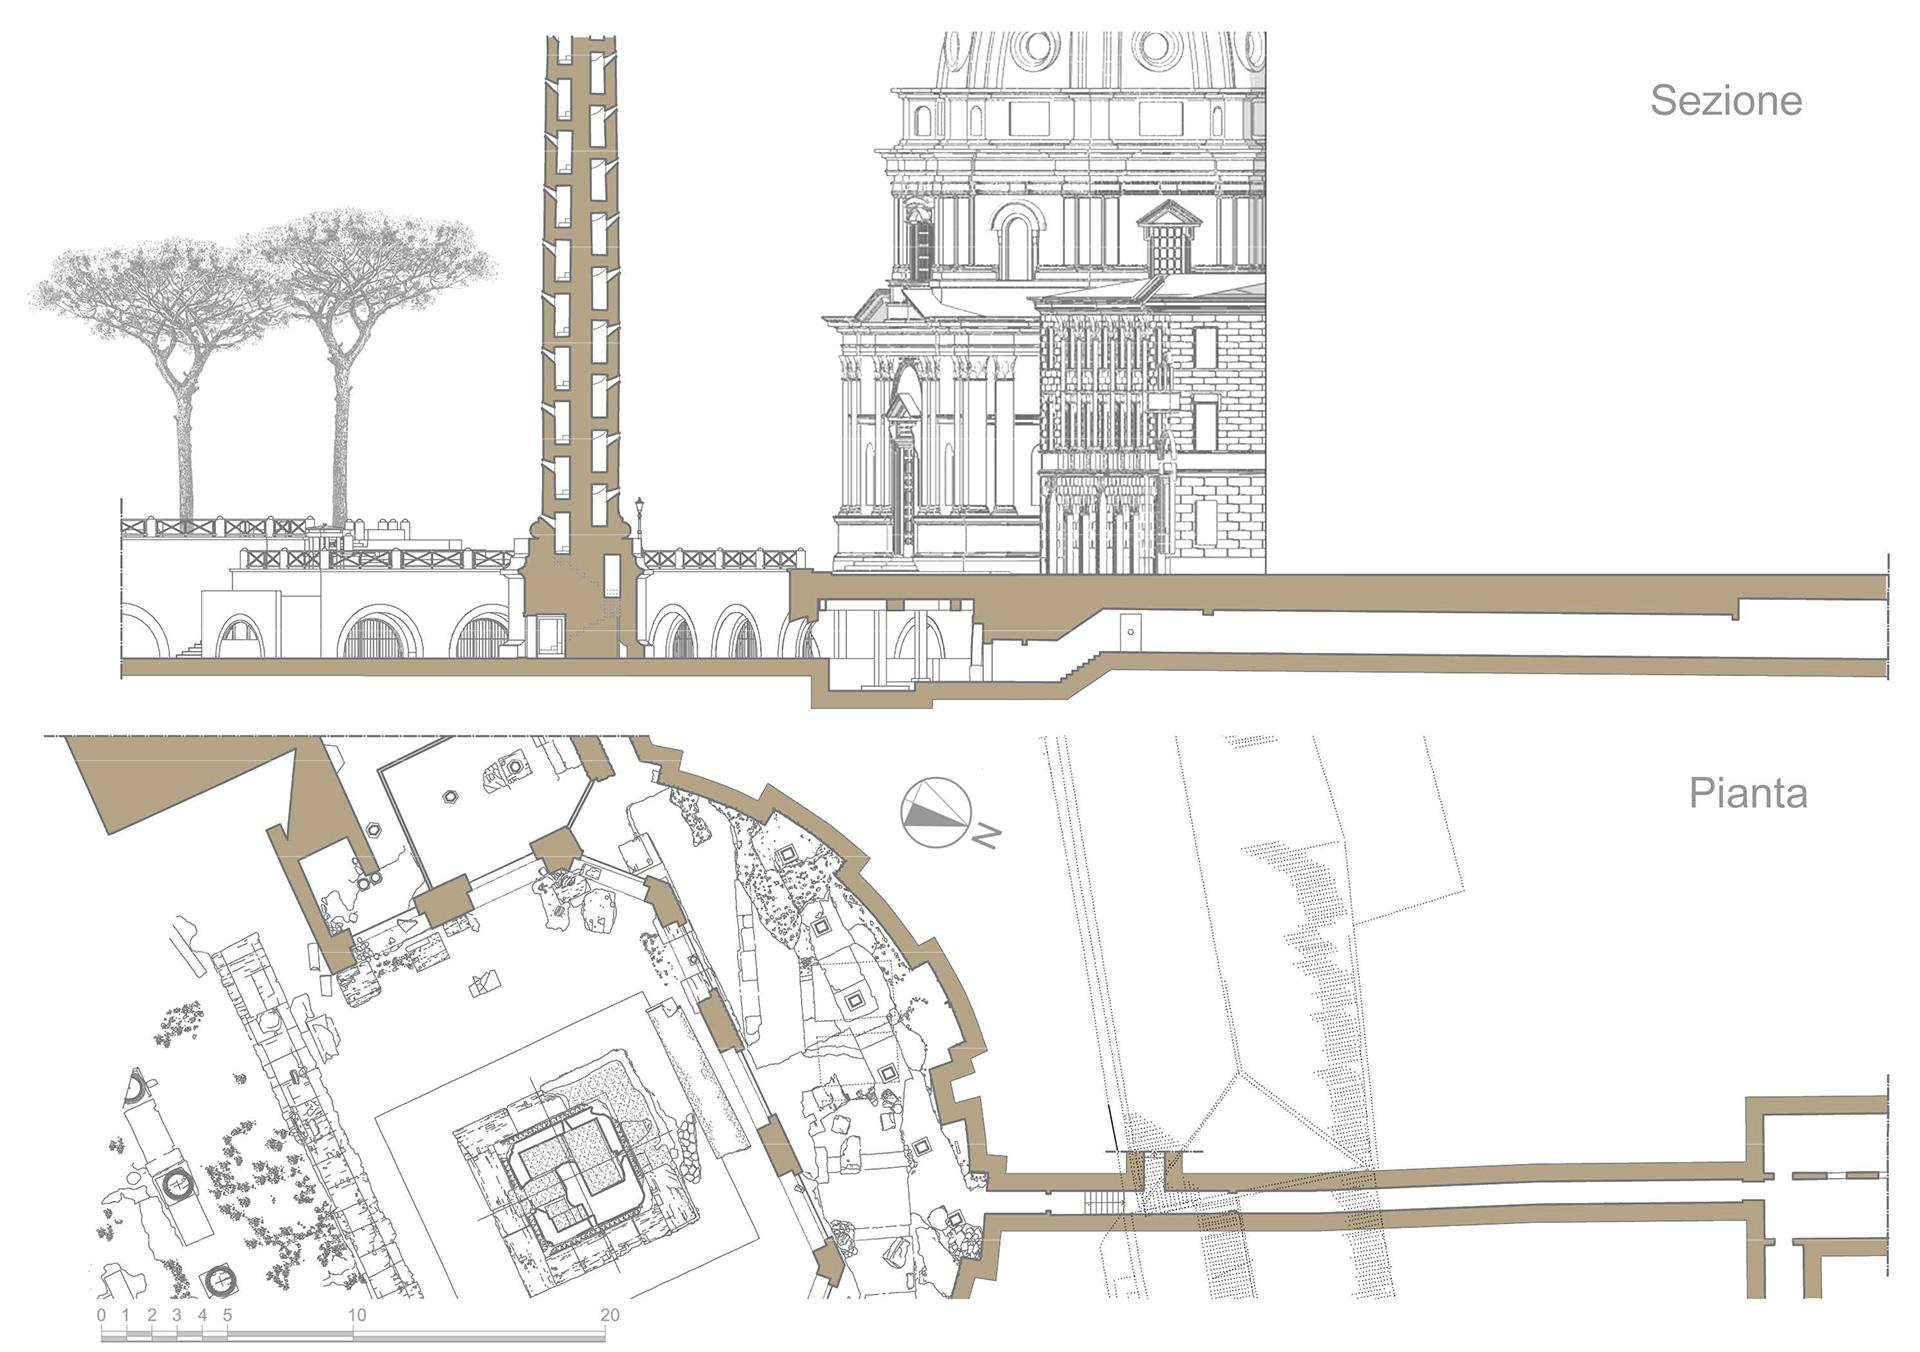 Micada-Group_Riqualificazione-area-Colonna-Traiana_08.jpg